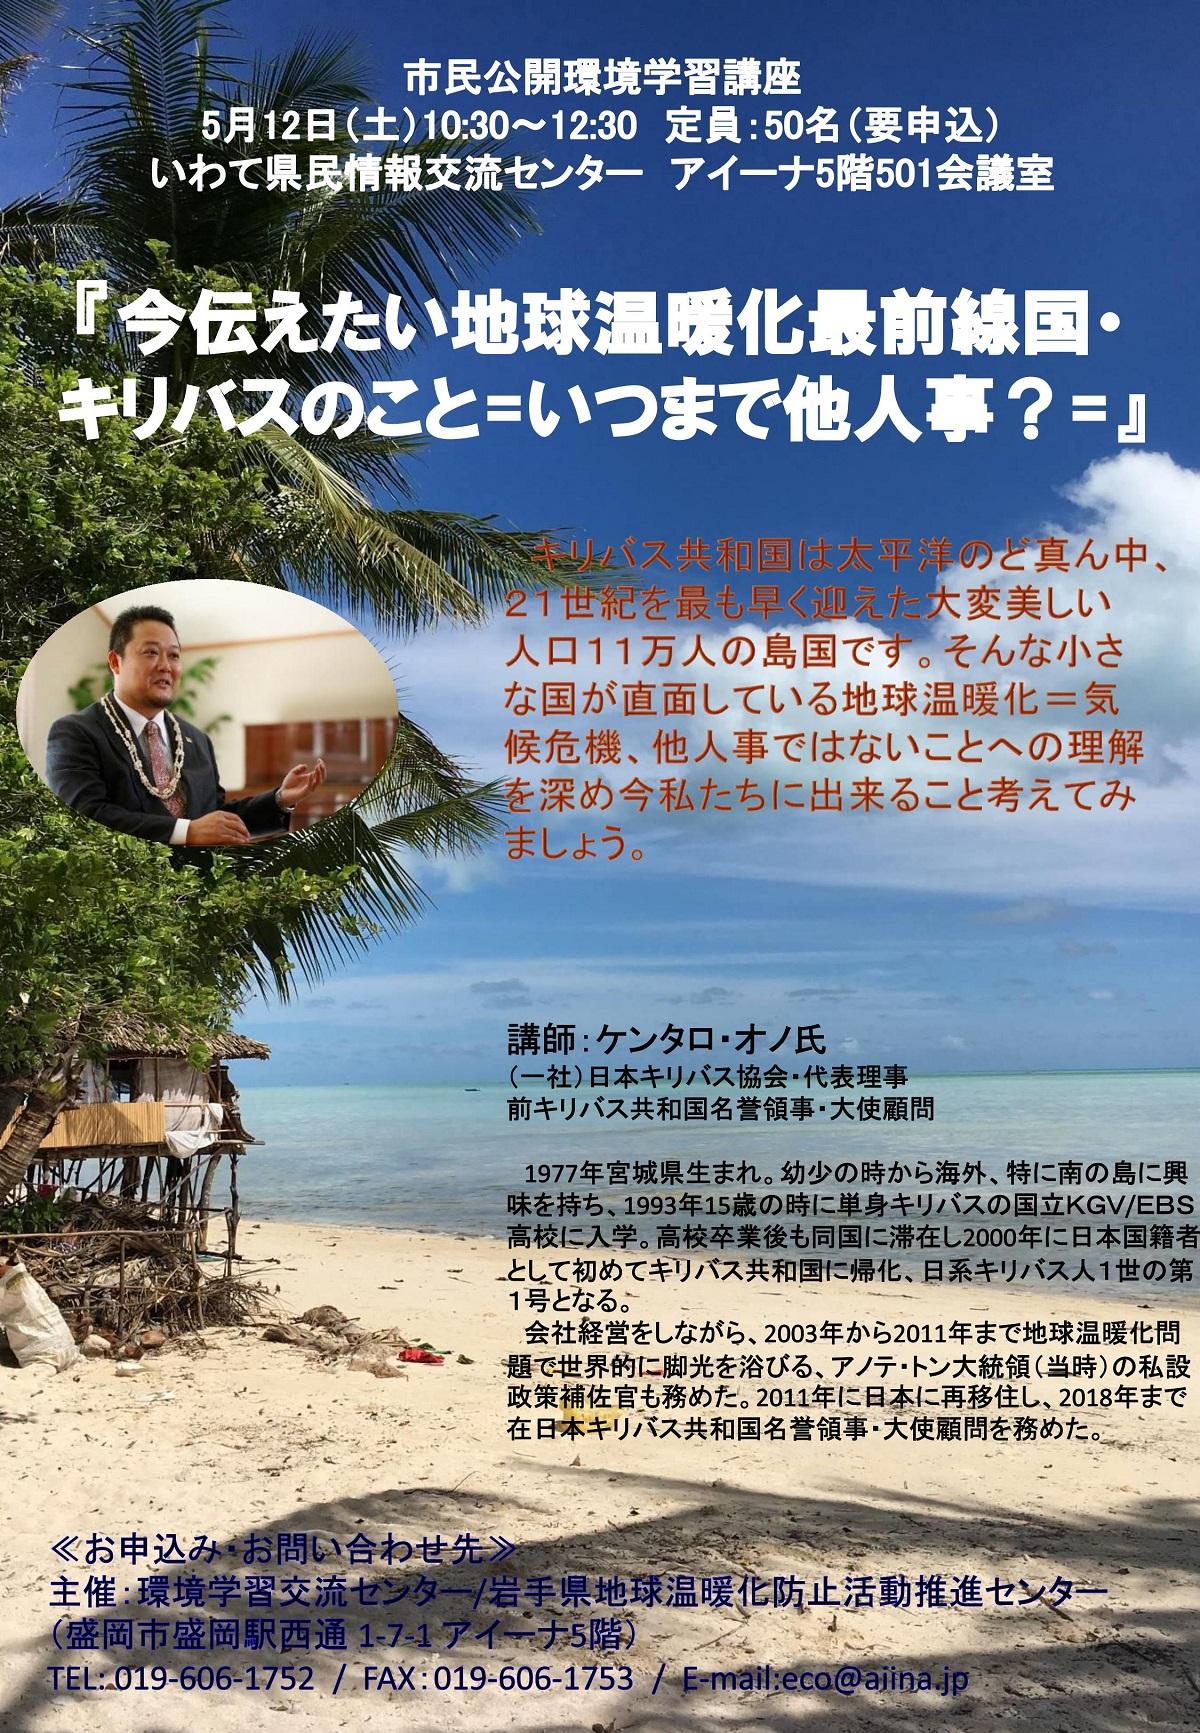 http://blog.iwate-eco.jp/2018/03/23/0001.jpg